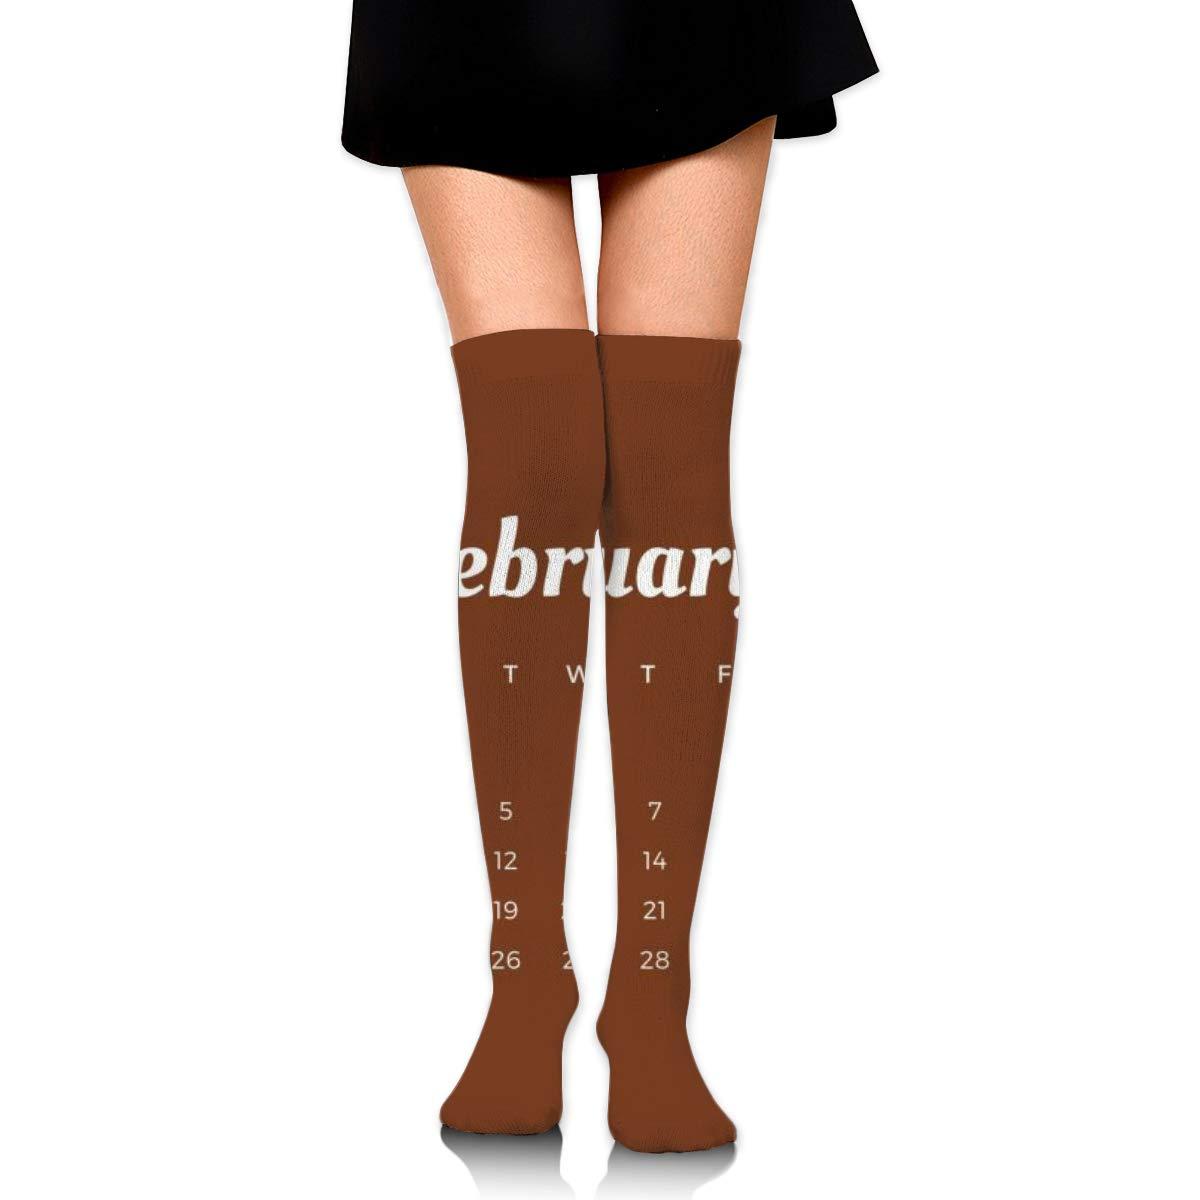 Kjaoi Girl Skirt Socks Uniform February 2019 Women Tube Socks Compression Socks